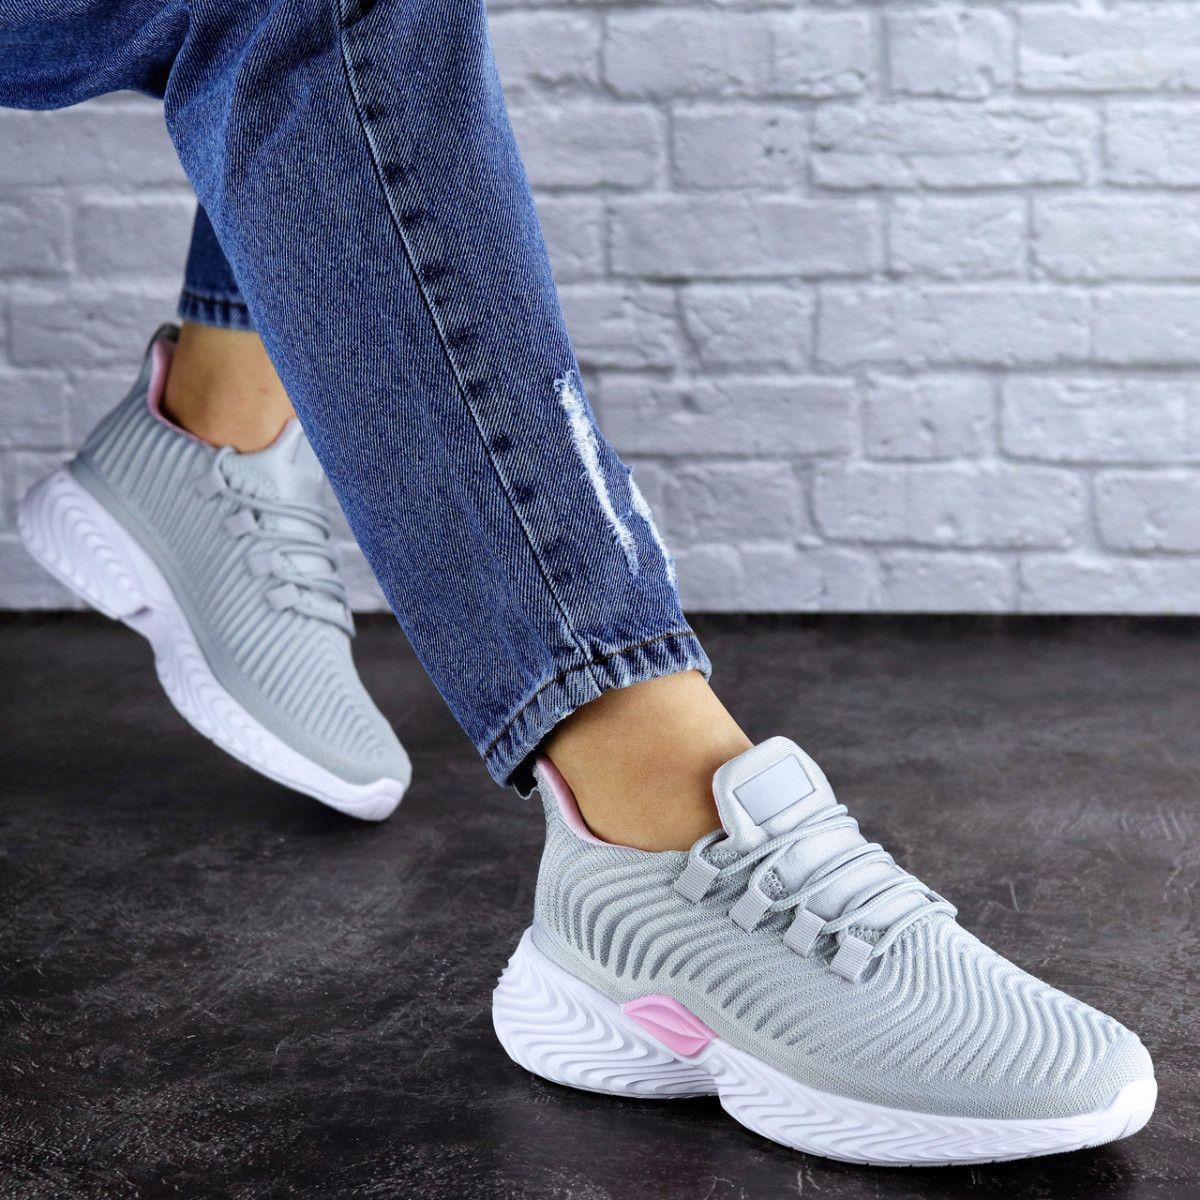 Женские кроссовки Fashion Ripple 1730 38 размер 24,5 см Серый Размер 38 - 24,5 см